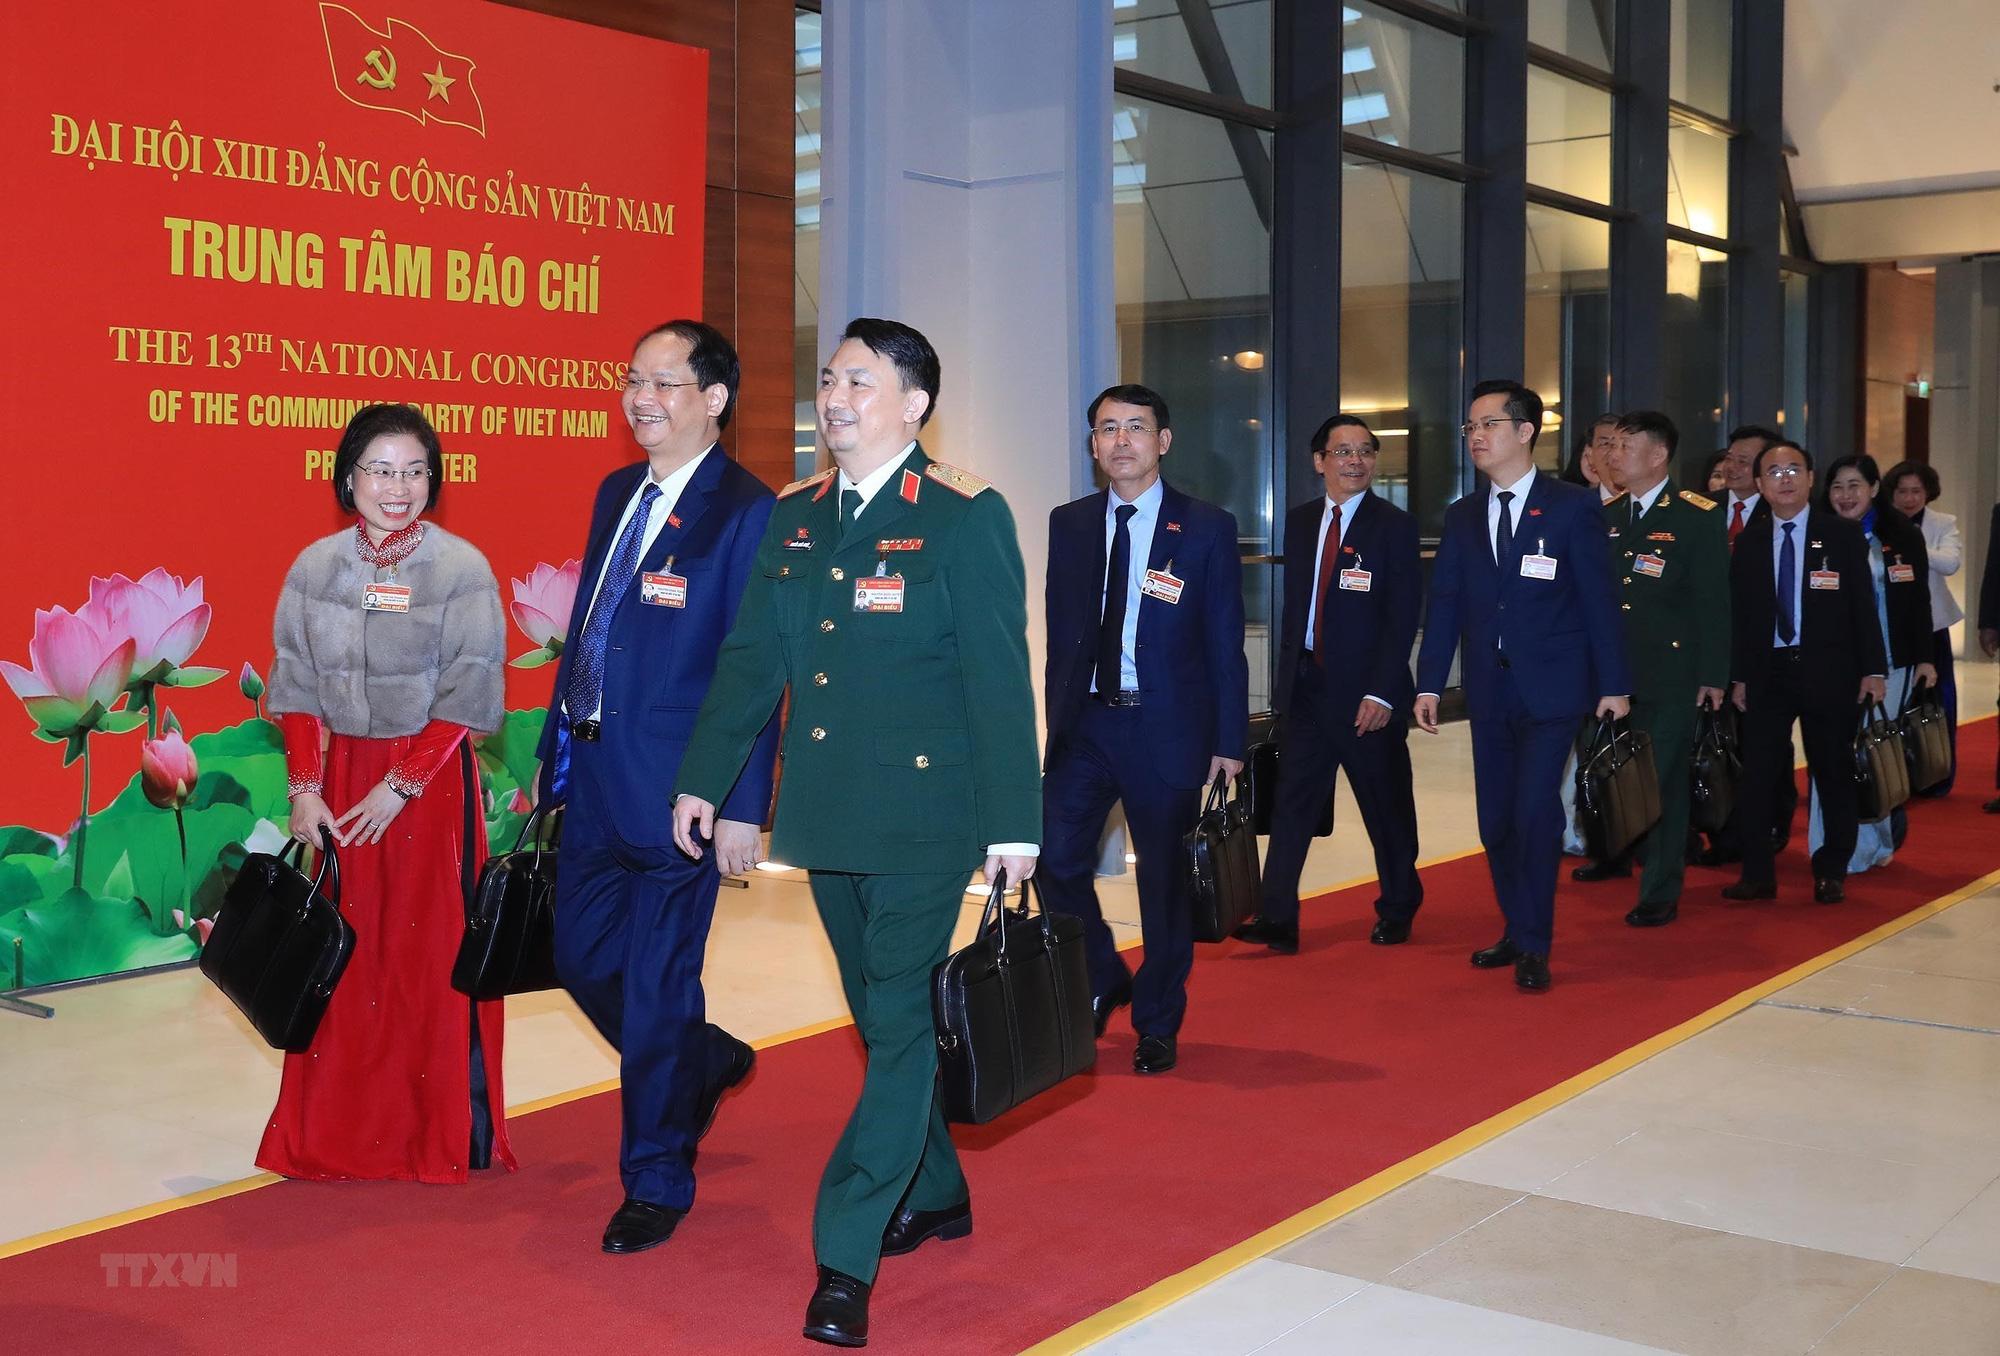 Tổng Bí thư, Chủ tịch nước dự phiên họp trù bị Đại hội Đảng XIII - Ảnh 9.